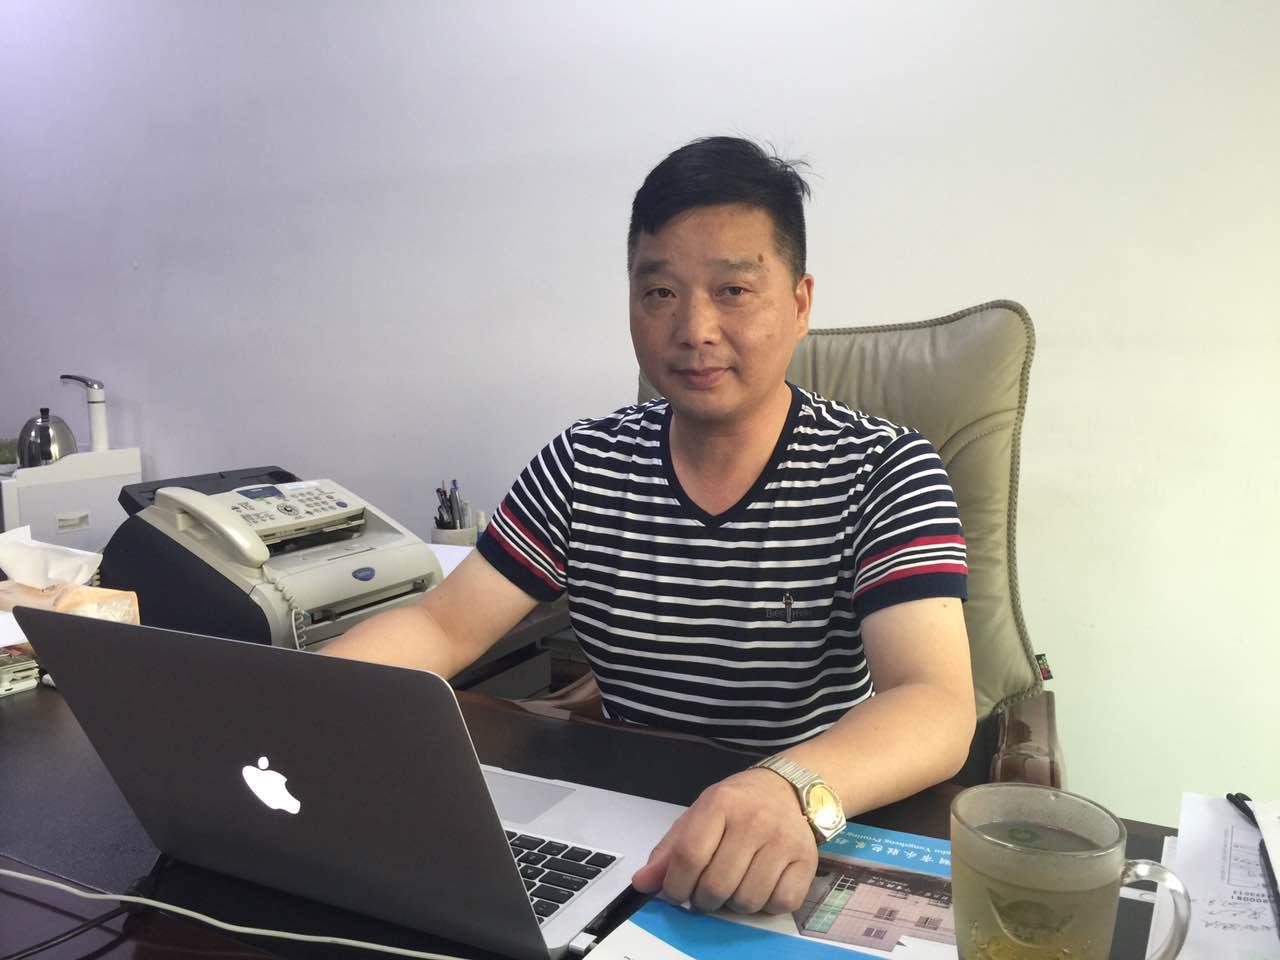 平湖市永胜包装彩印有限公司董事长陈永生在办公室   吴礼明 摄影 (1).jpg